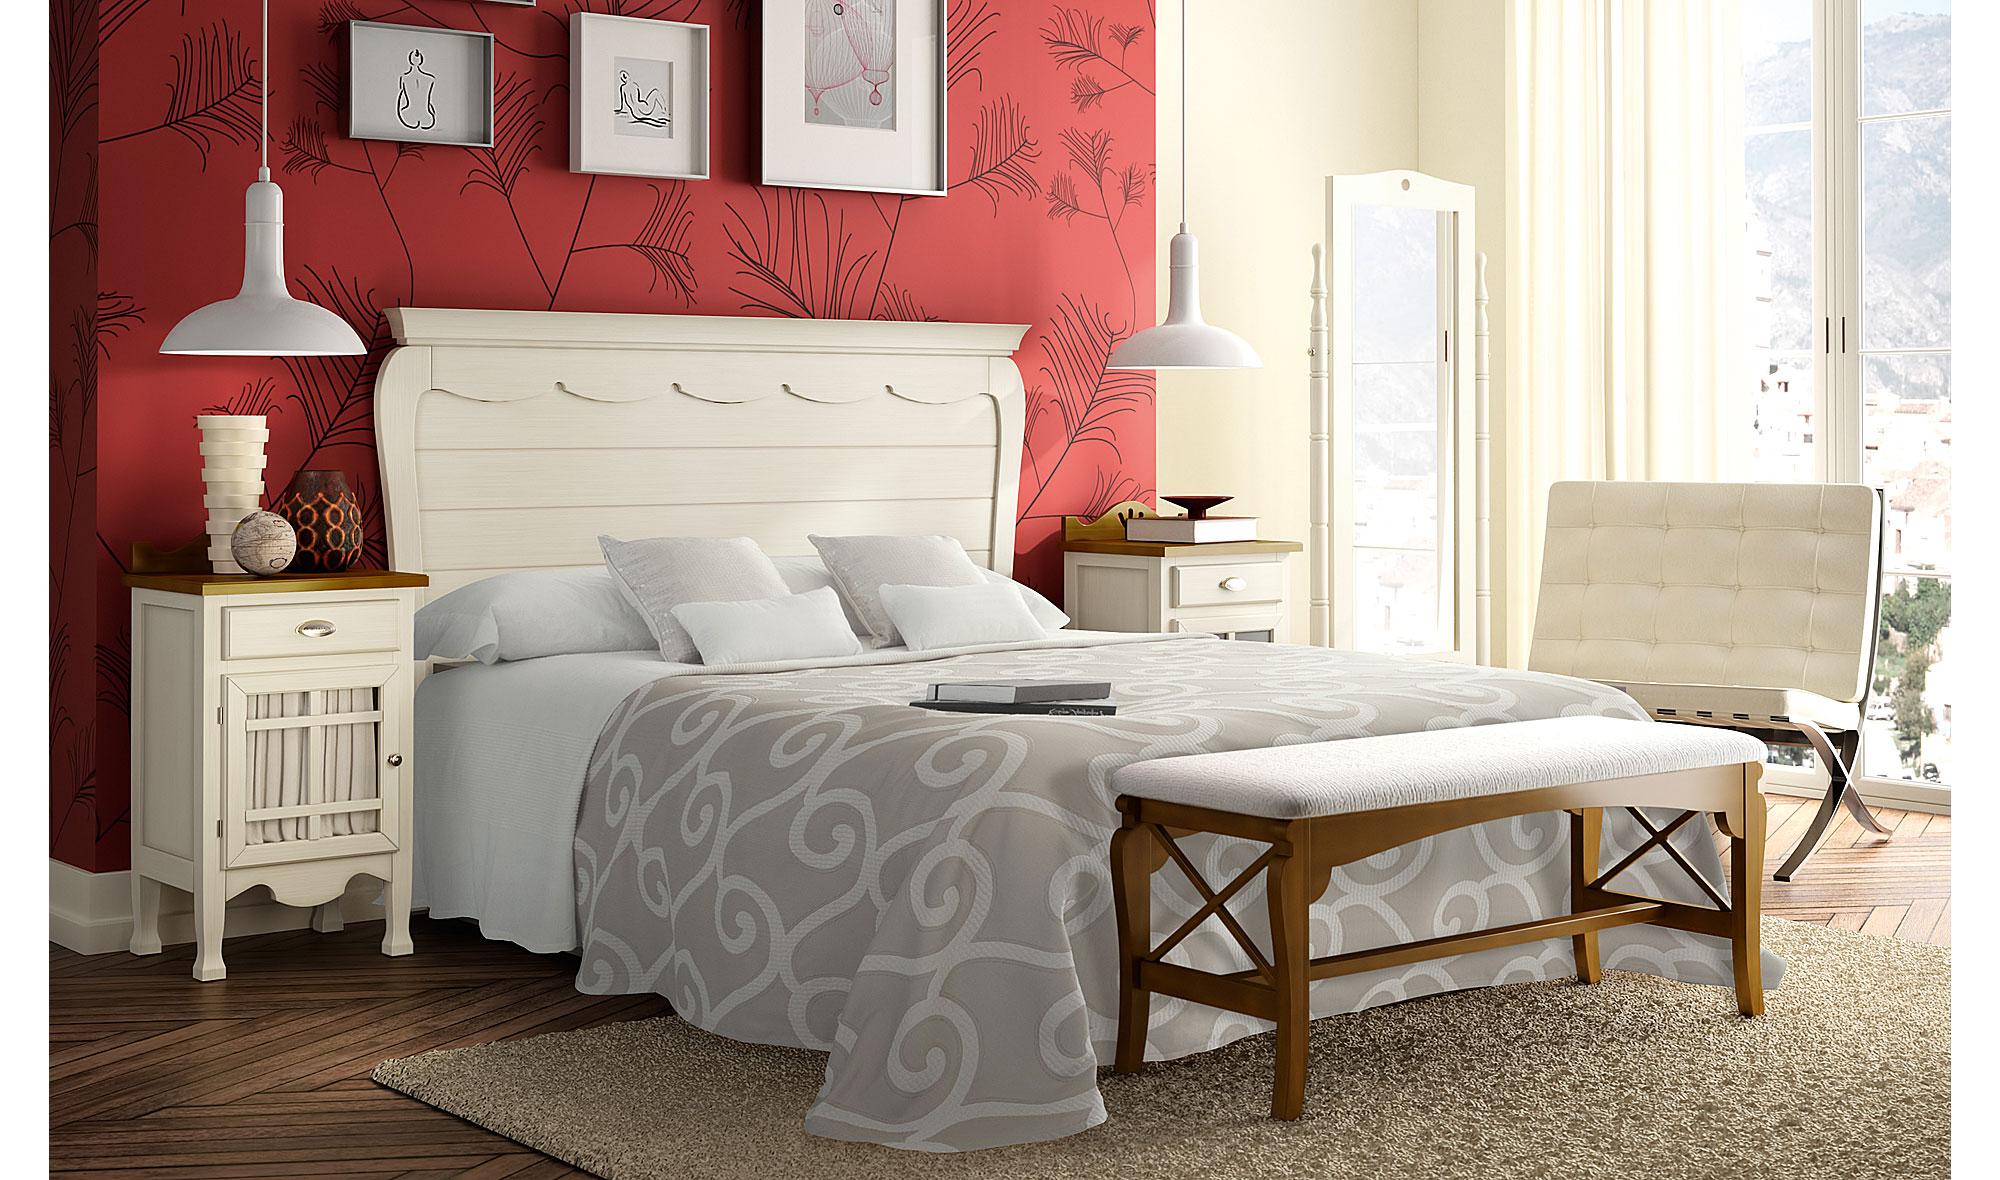 Dormitorio vintage provenzal miel decco en Muebles dormitorio